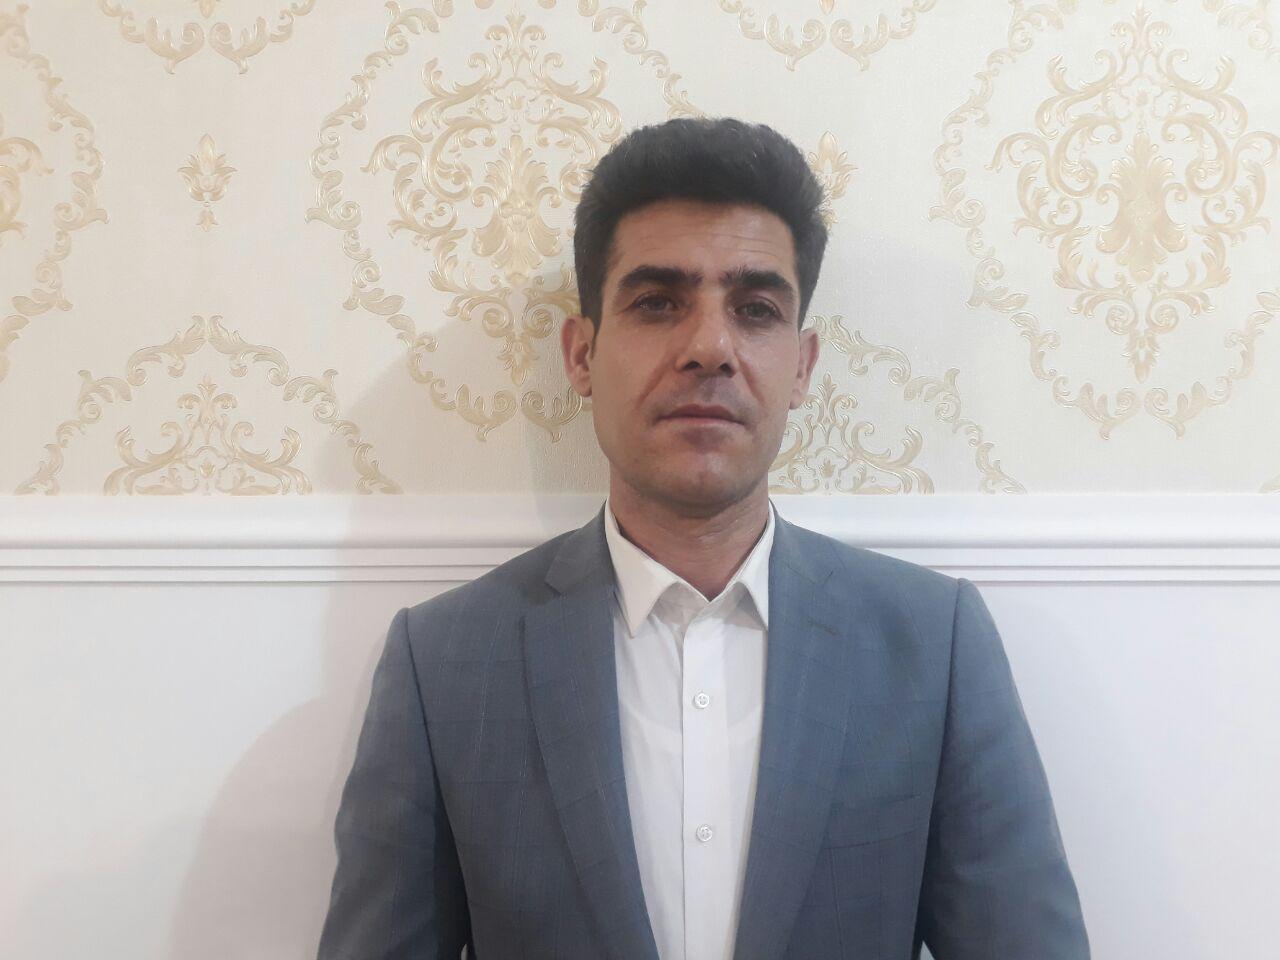 18 نکته برای رهایی از خودکشی / یادداشتی از عثمان رسول نژاد کارشناس ارشد روان شناسی بالینی